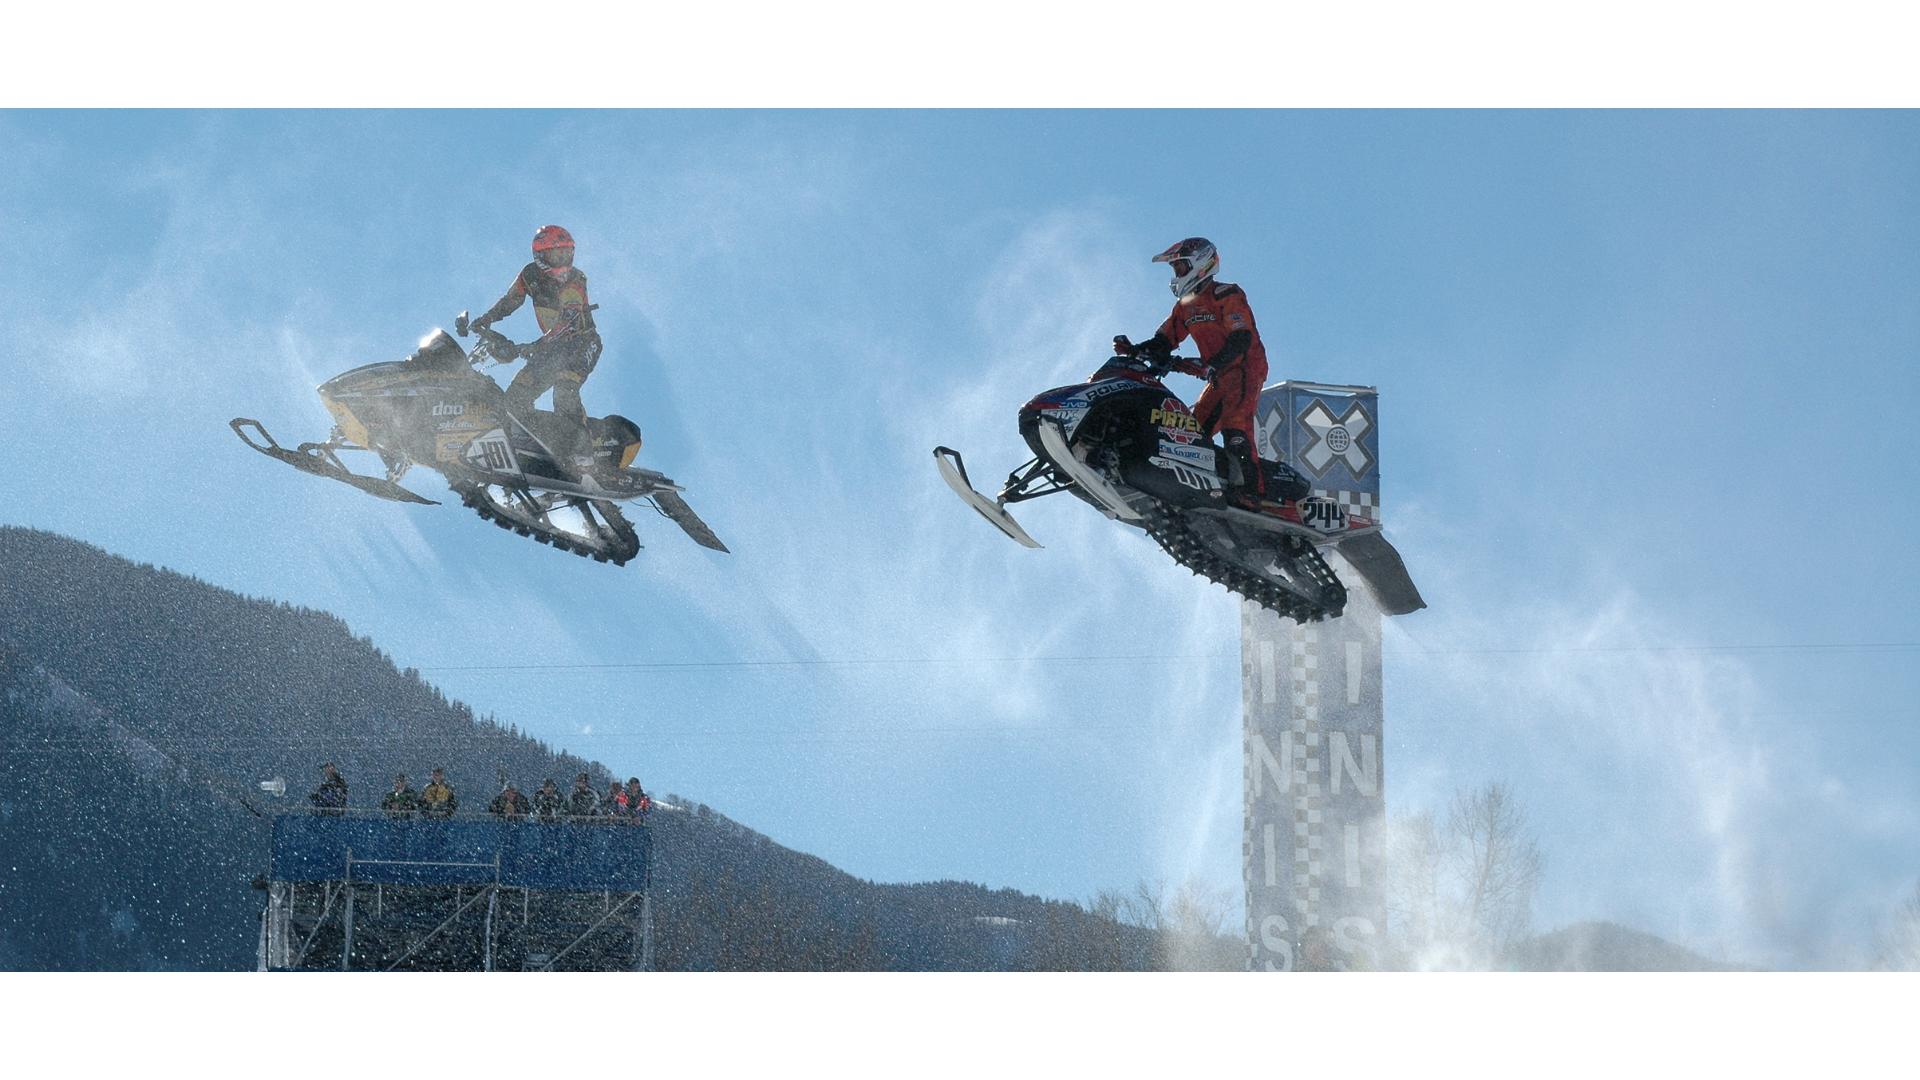 karda motor yarışı yapan iki sporcunun görseli.